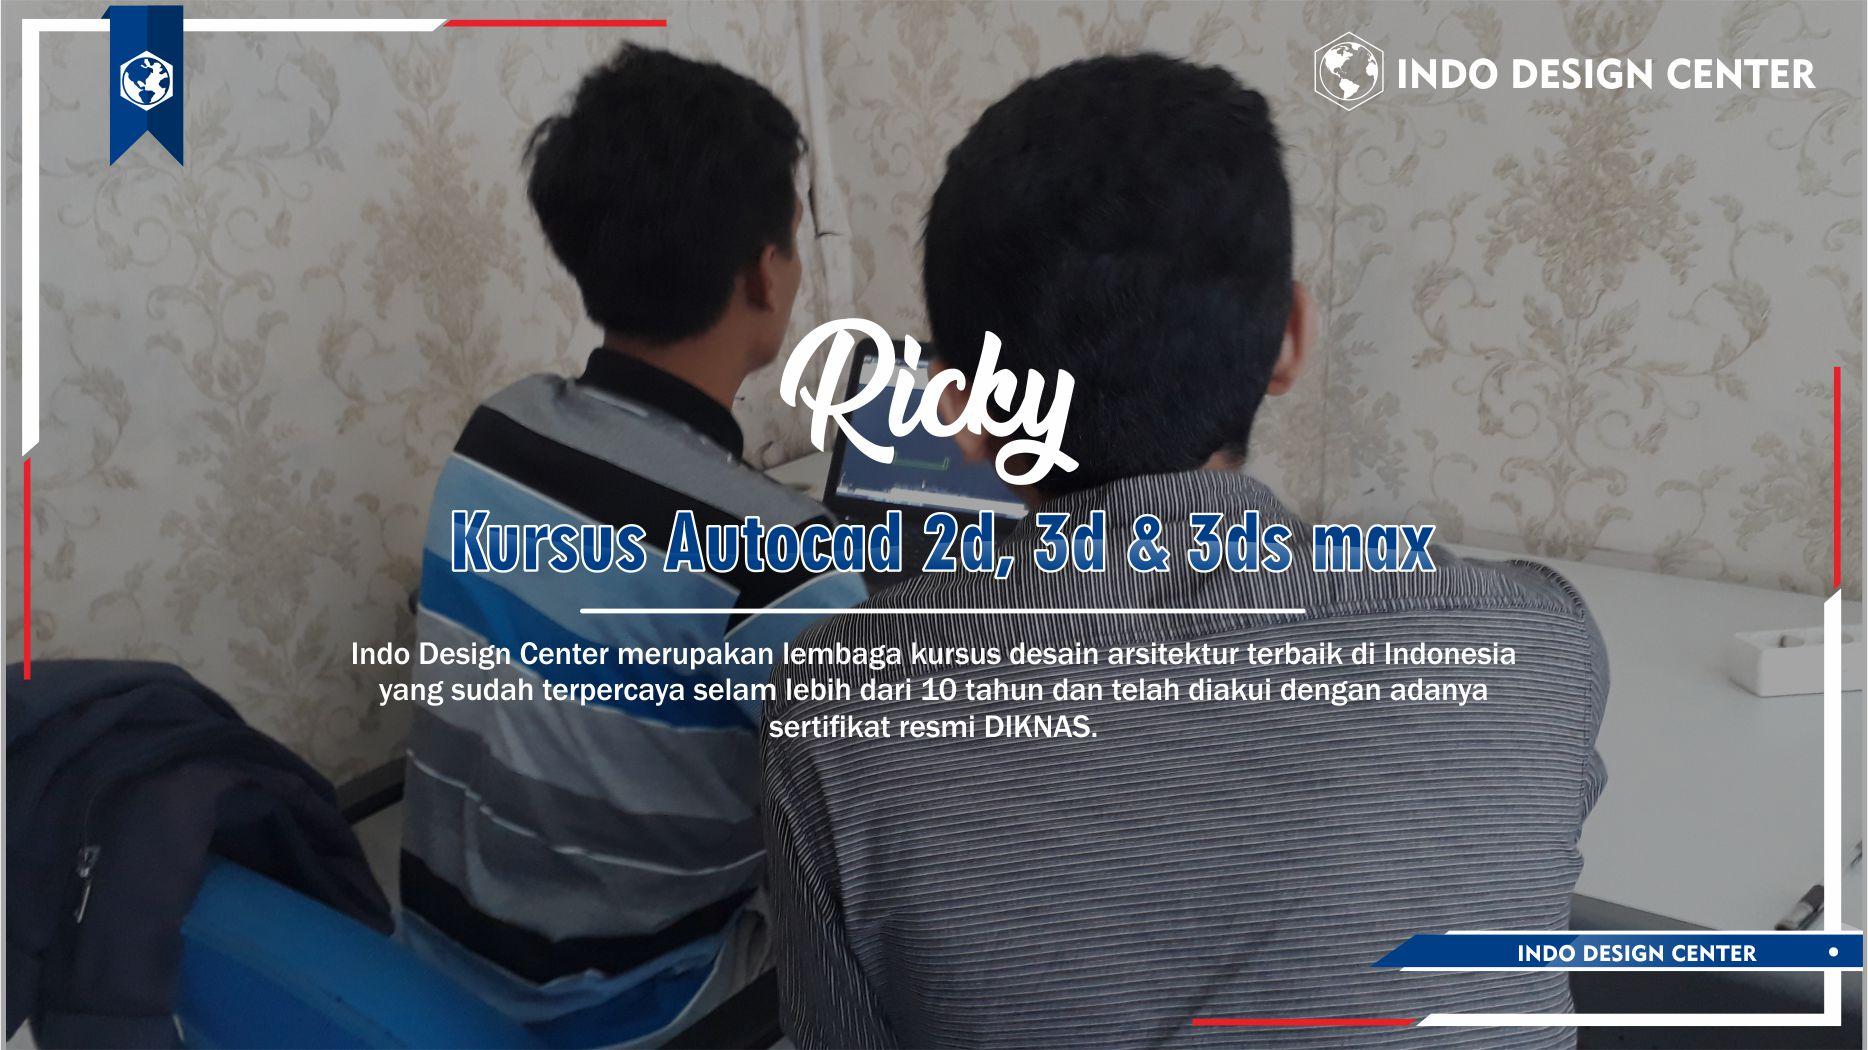 Kursus Autocad 2D, 3D & 3ds Max Pancoran Jakarta Selatan Ricky Hidayatullah